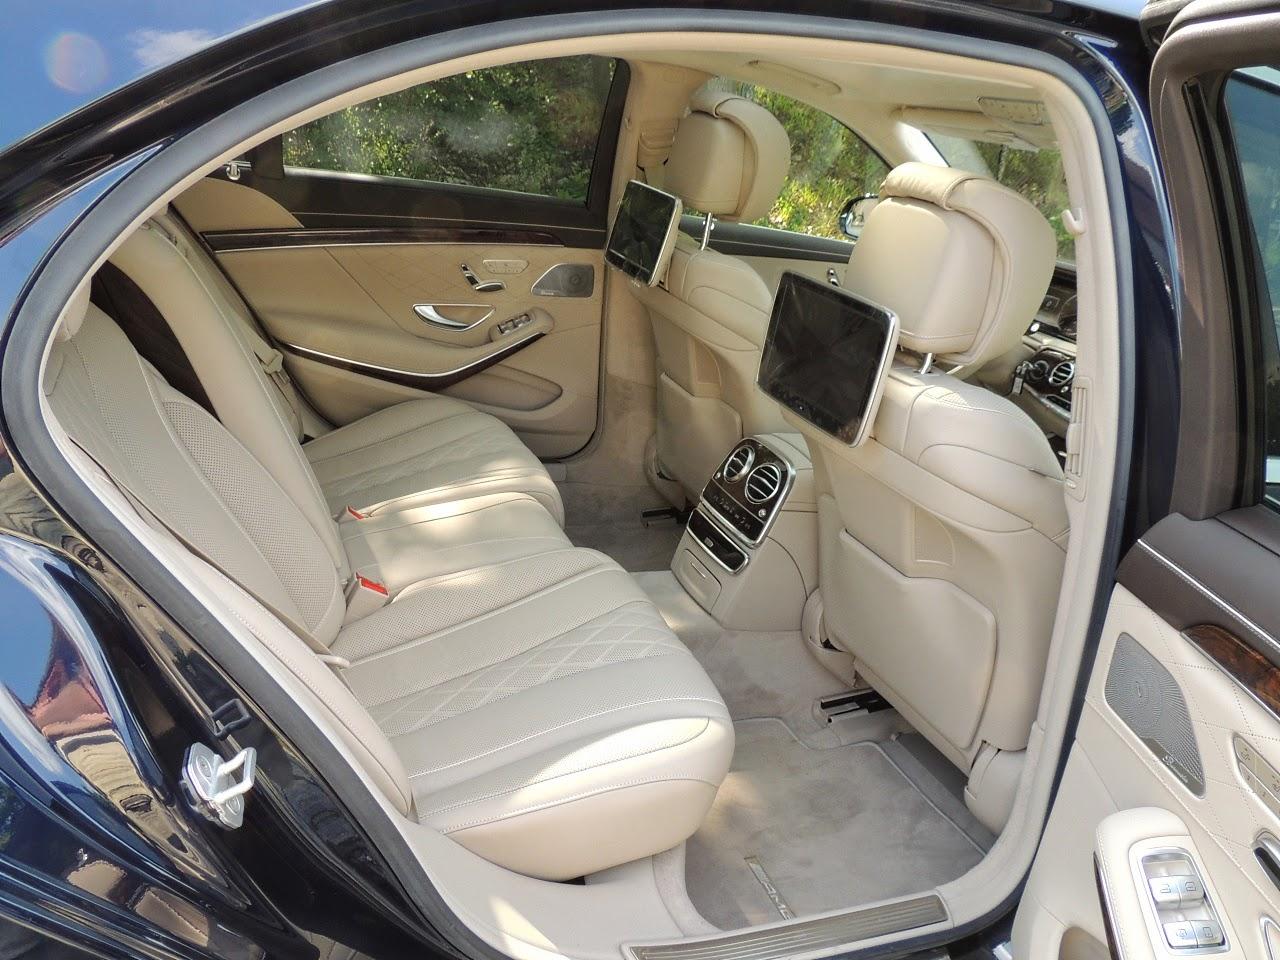 Mercedes S 500 L 4MATIC - tylny rząd siedzeń